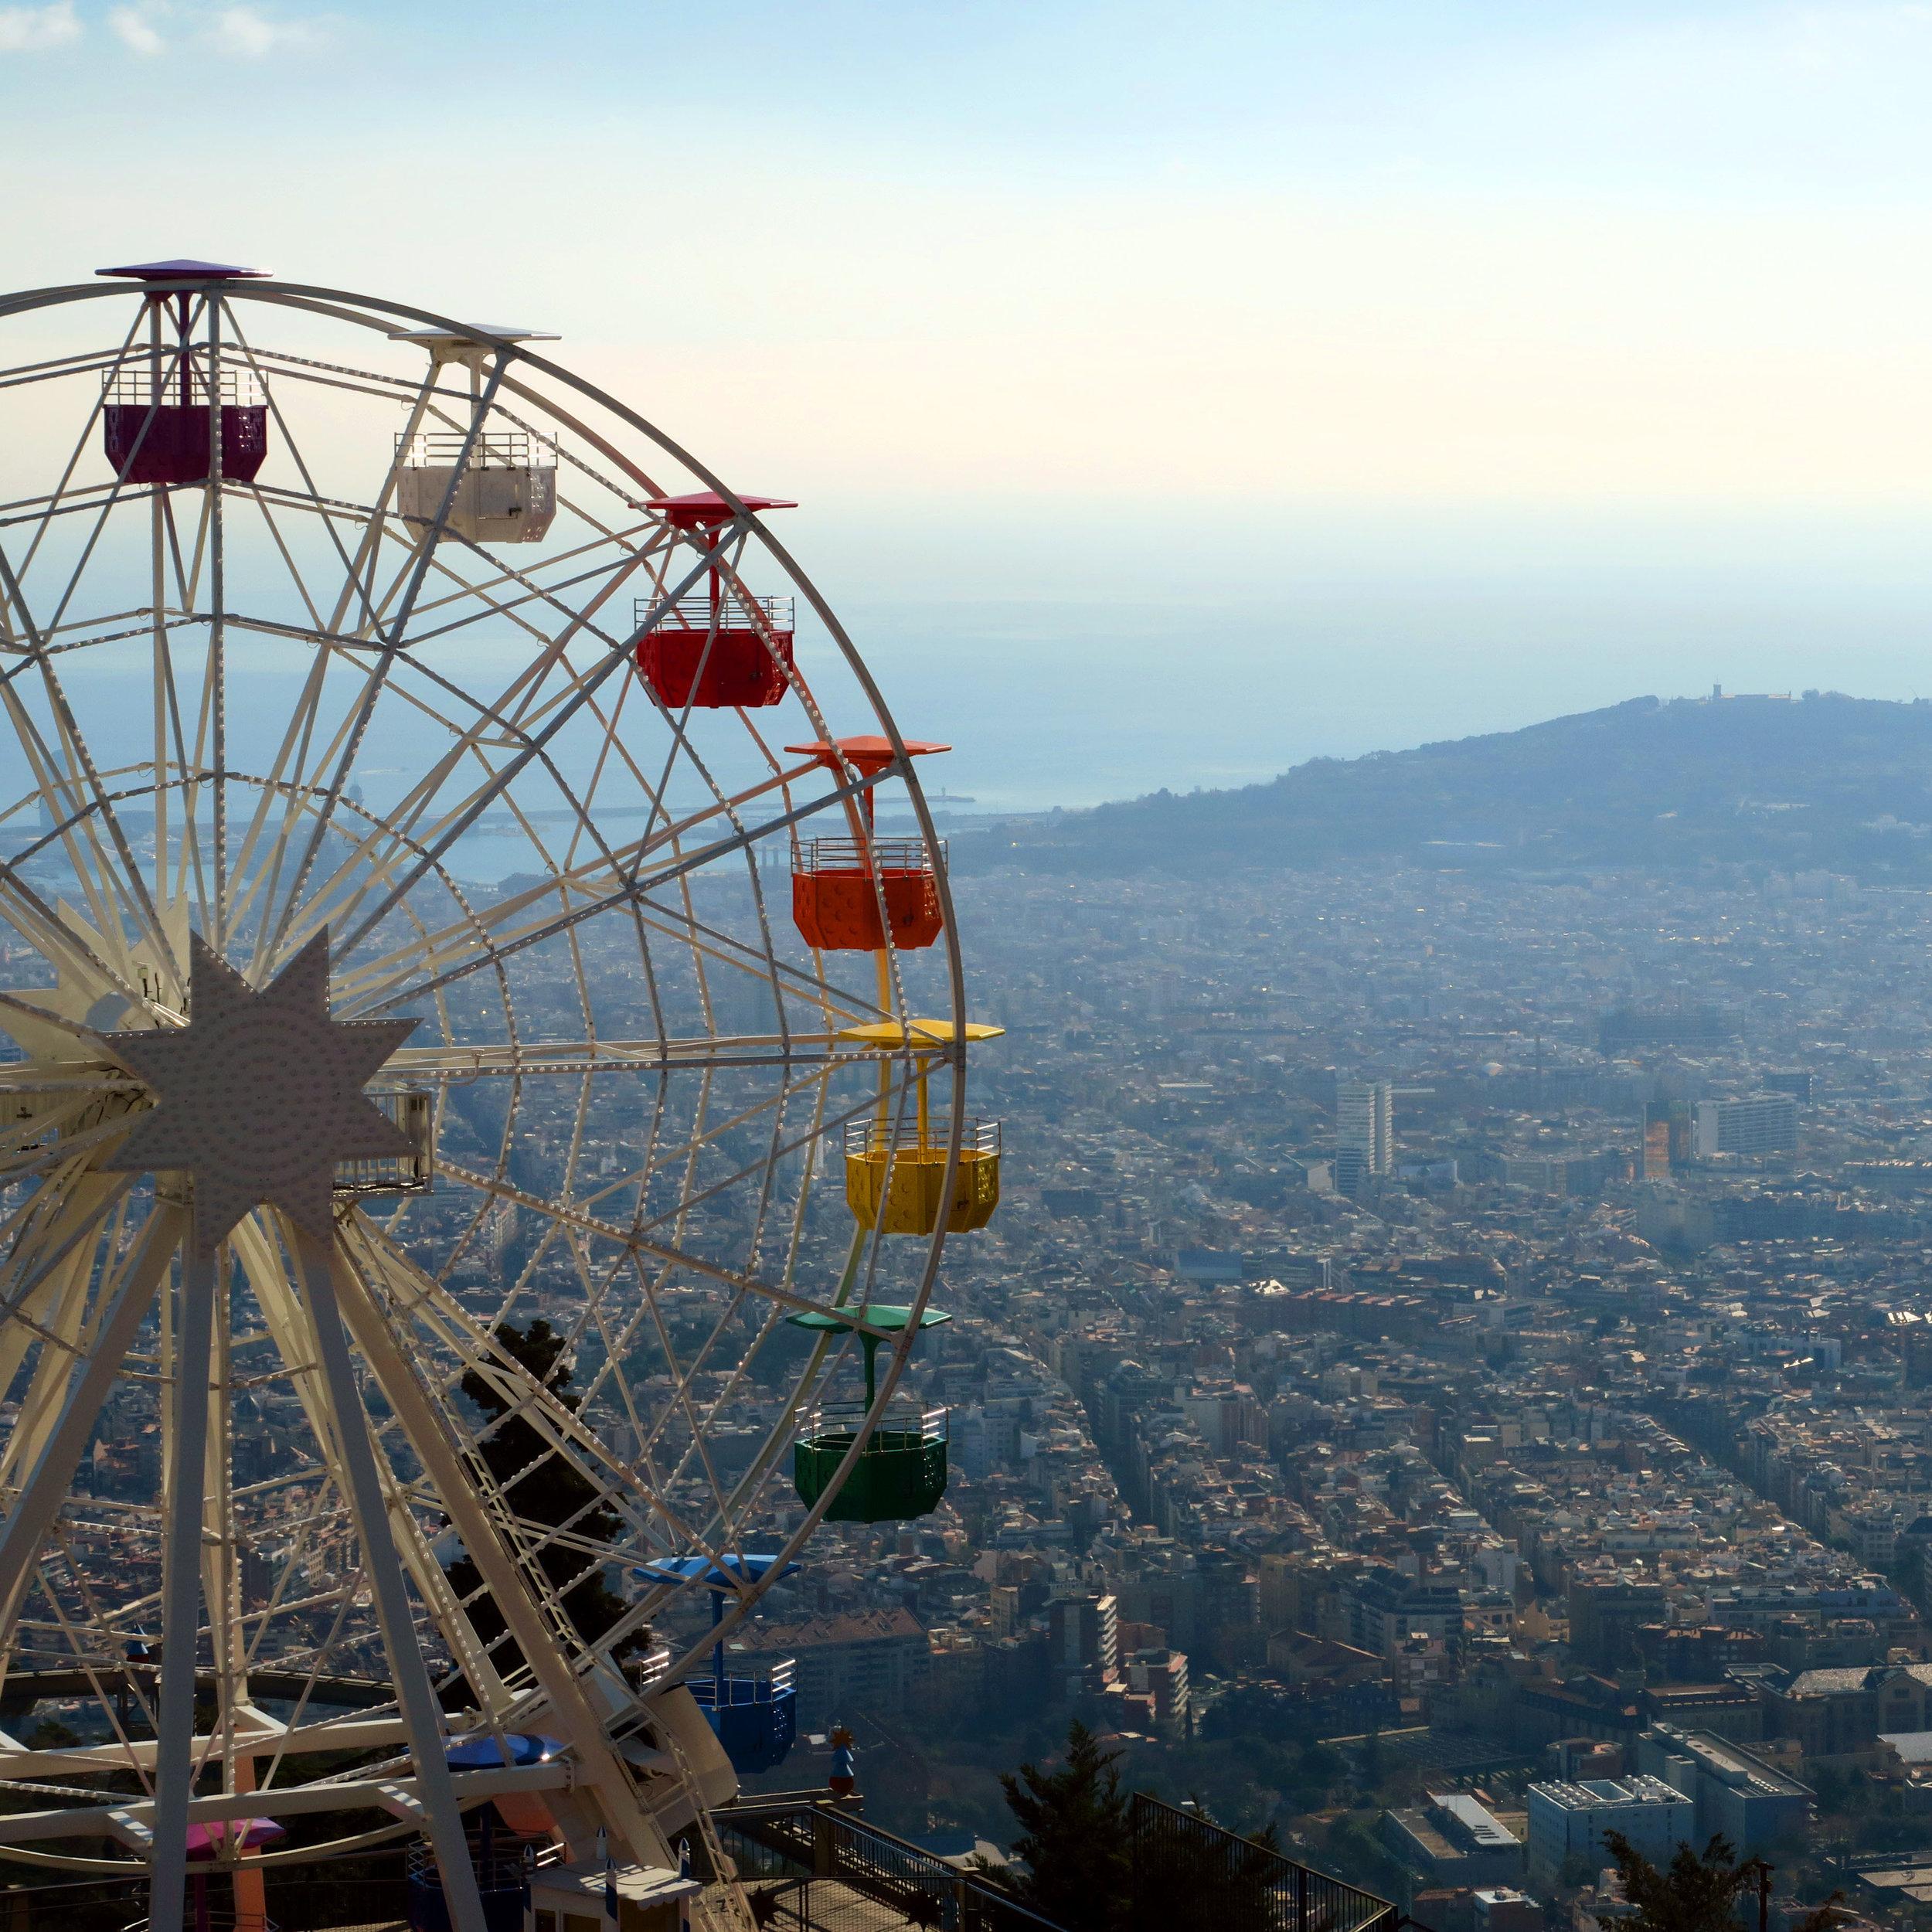 BarcelonaFerrisWheel.jpg